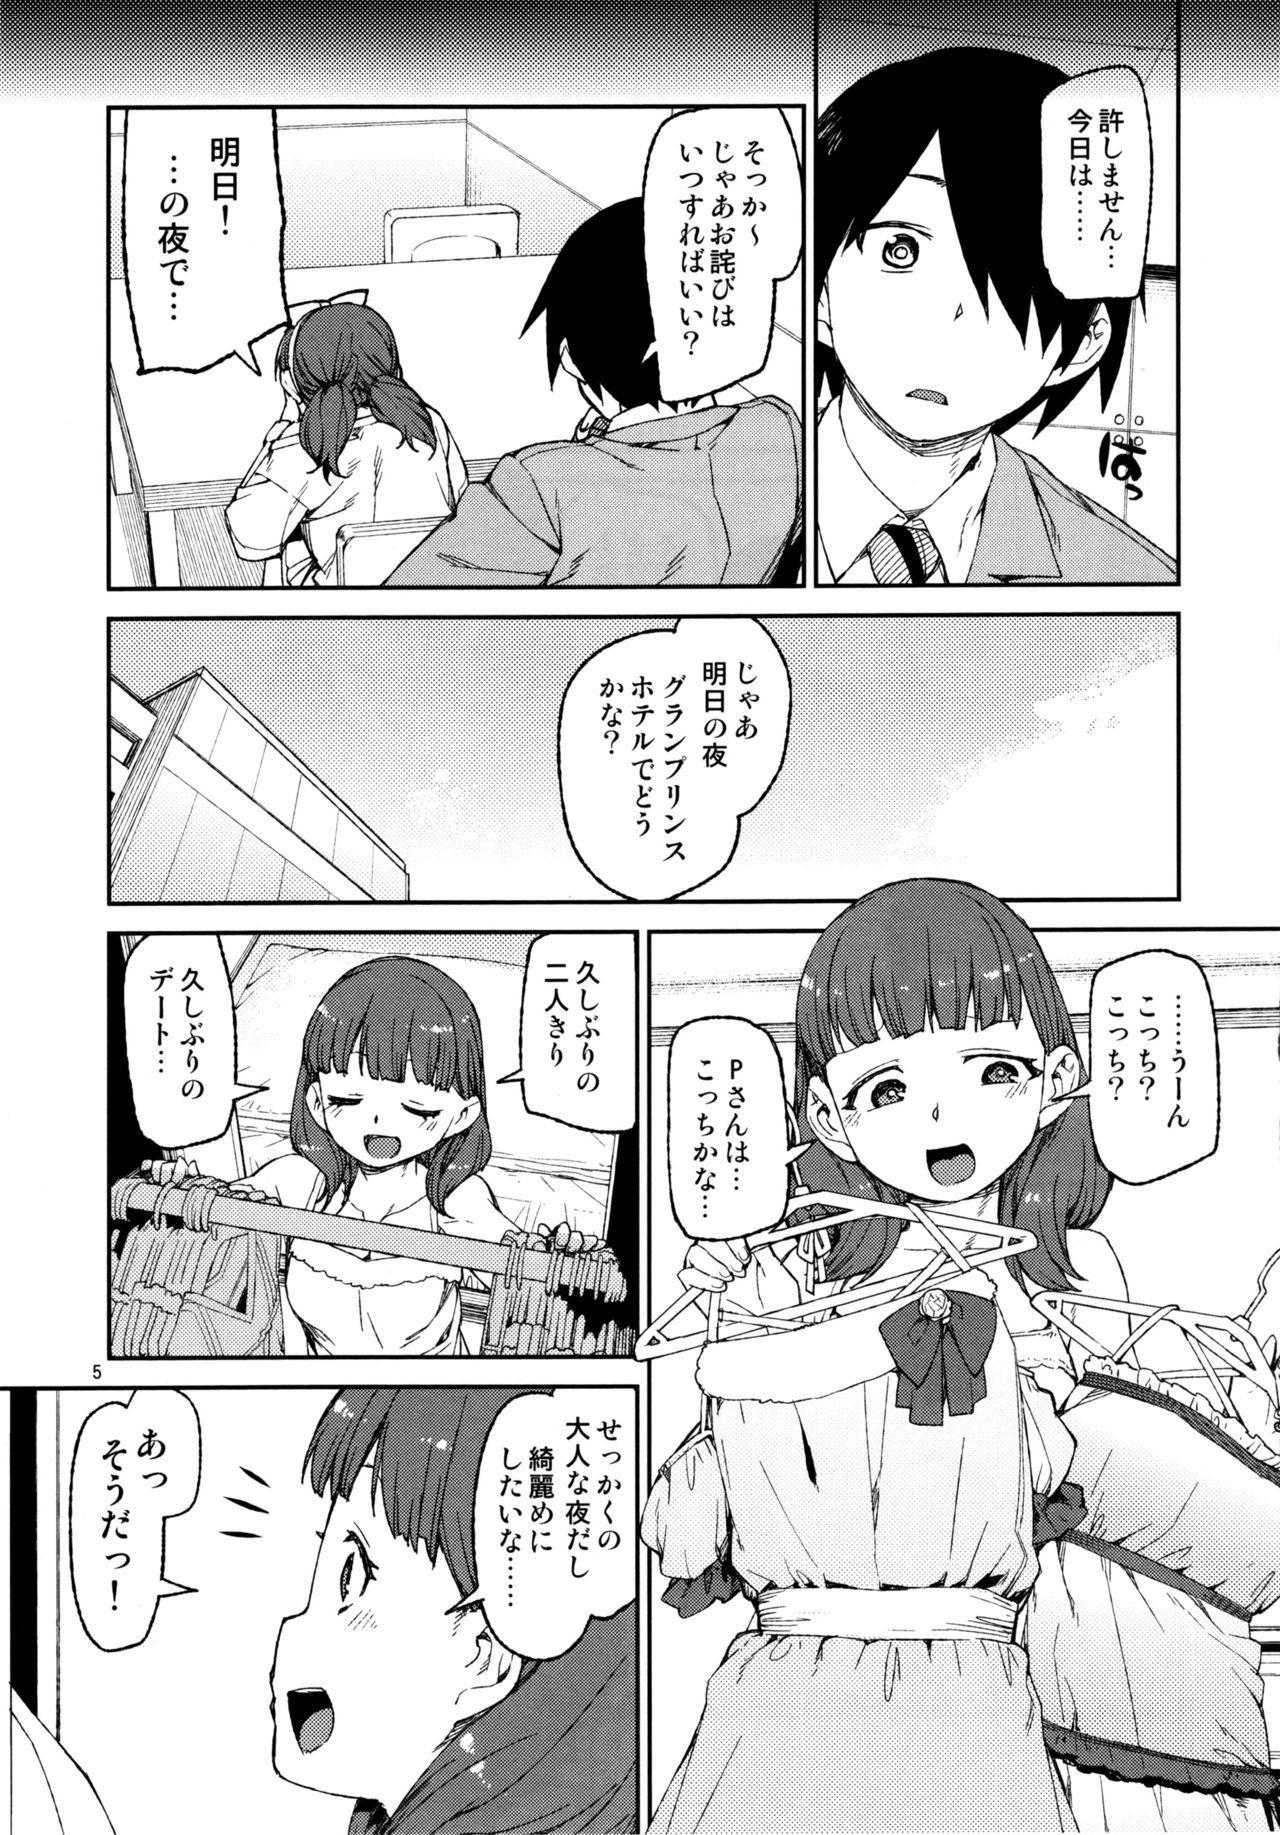 Sonna no Mayu ni wa Wakarimasen 5